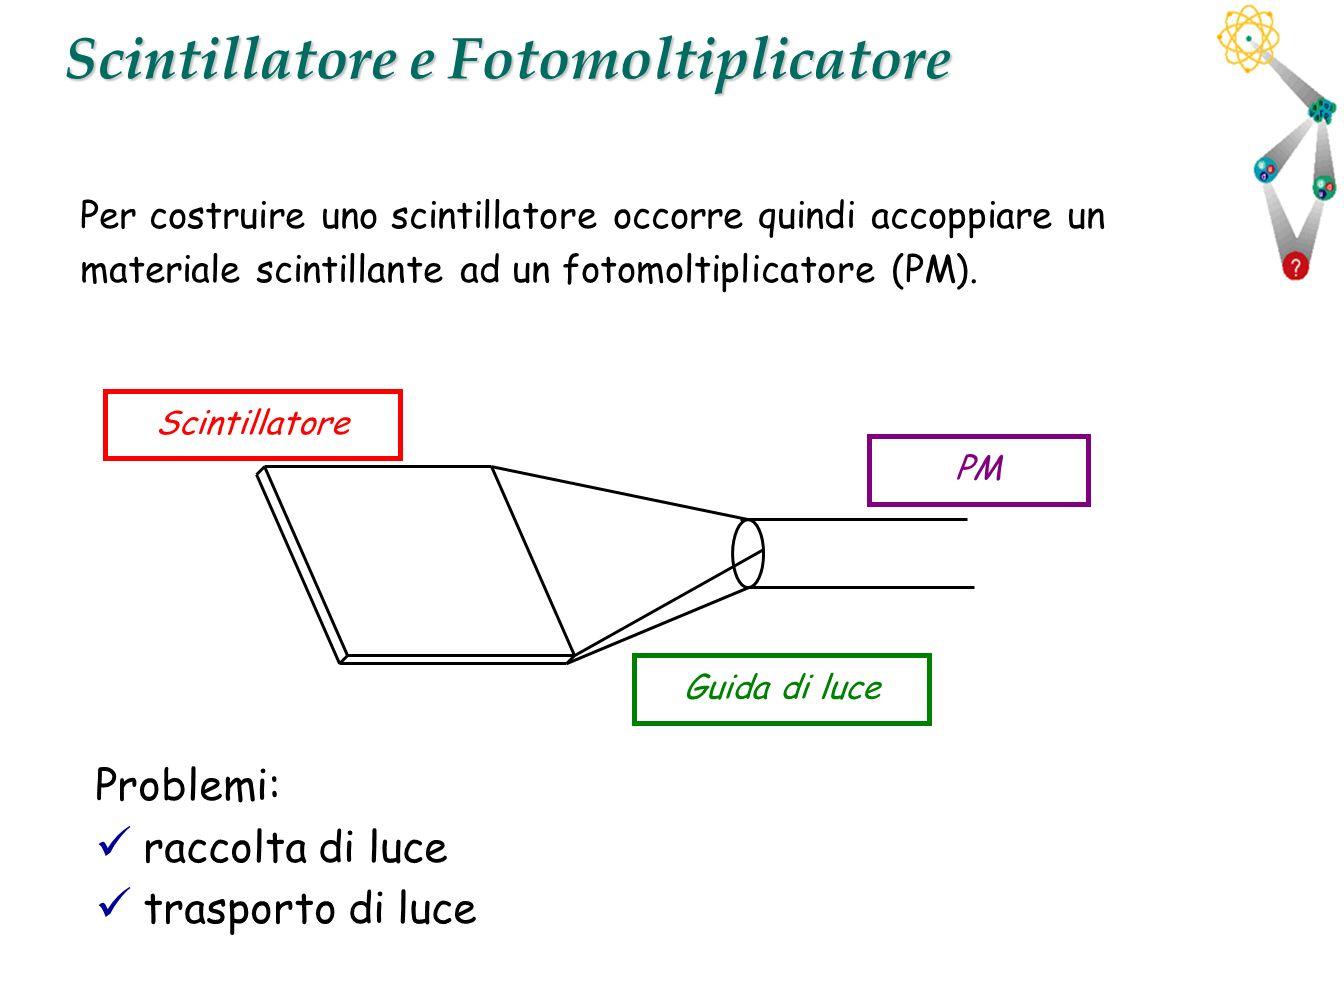 Scintillatore e Fotomoltiplicatore